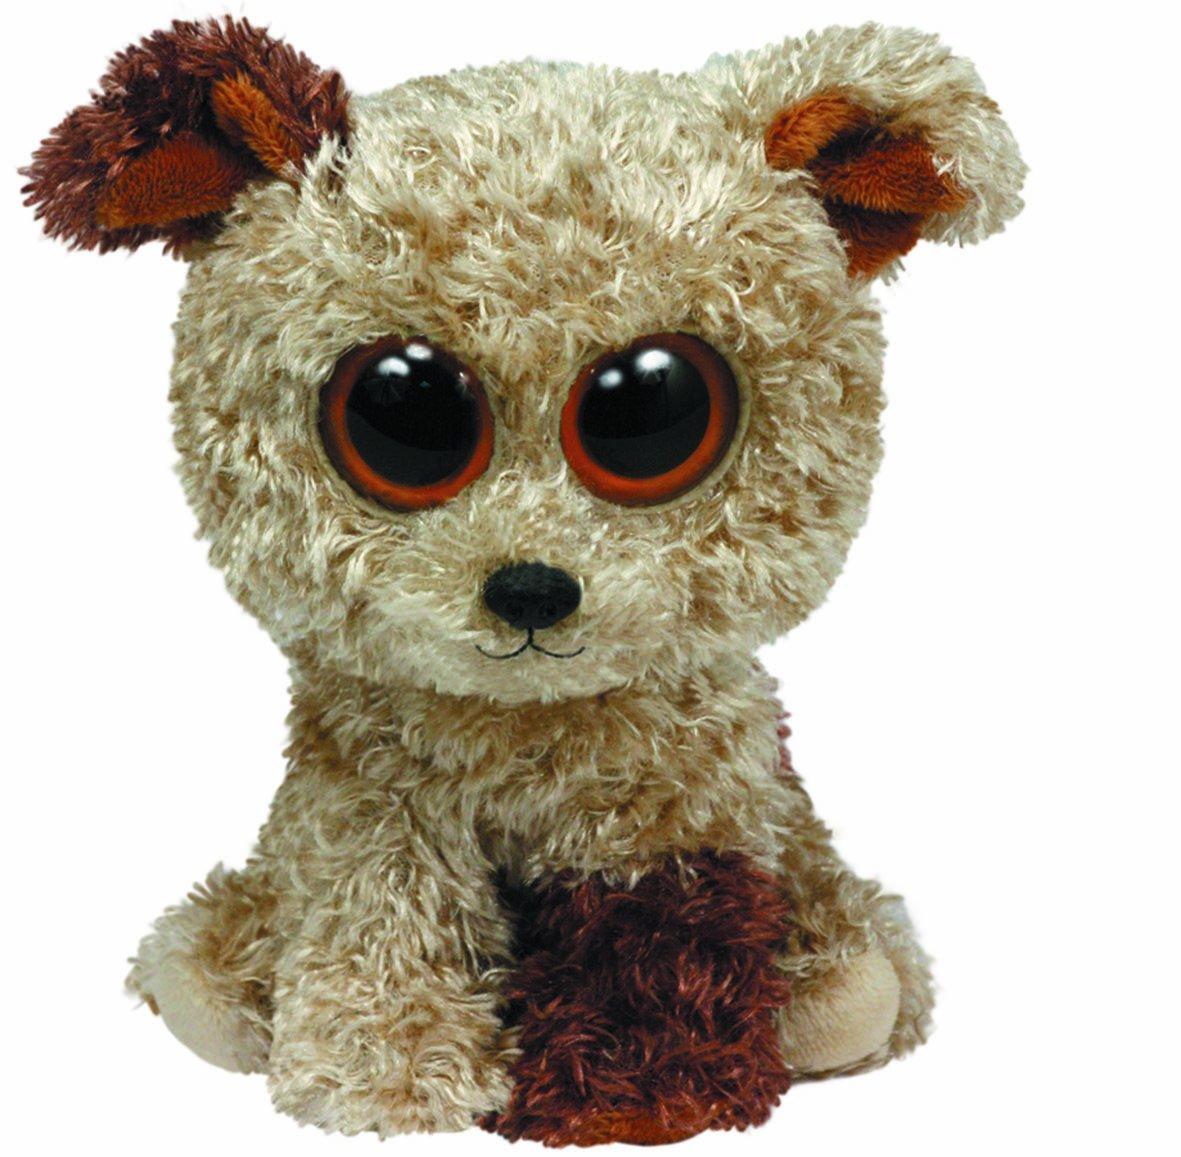 Desconocido Perro de peluche (2.24x1.64x1.22 cm) (TY36987)